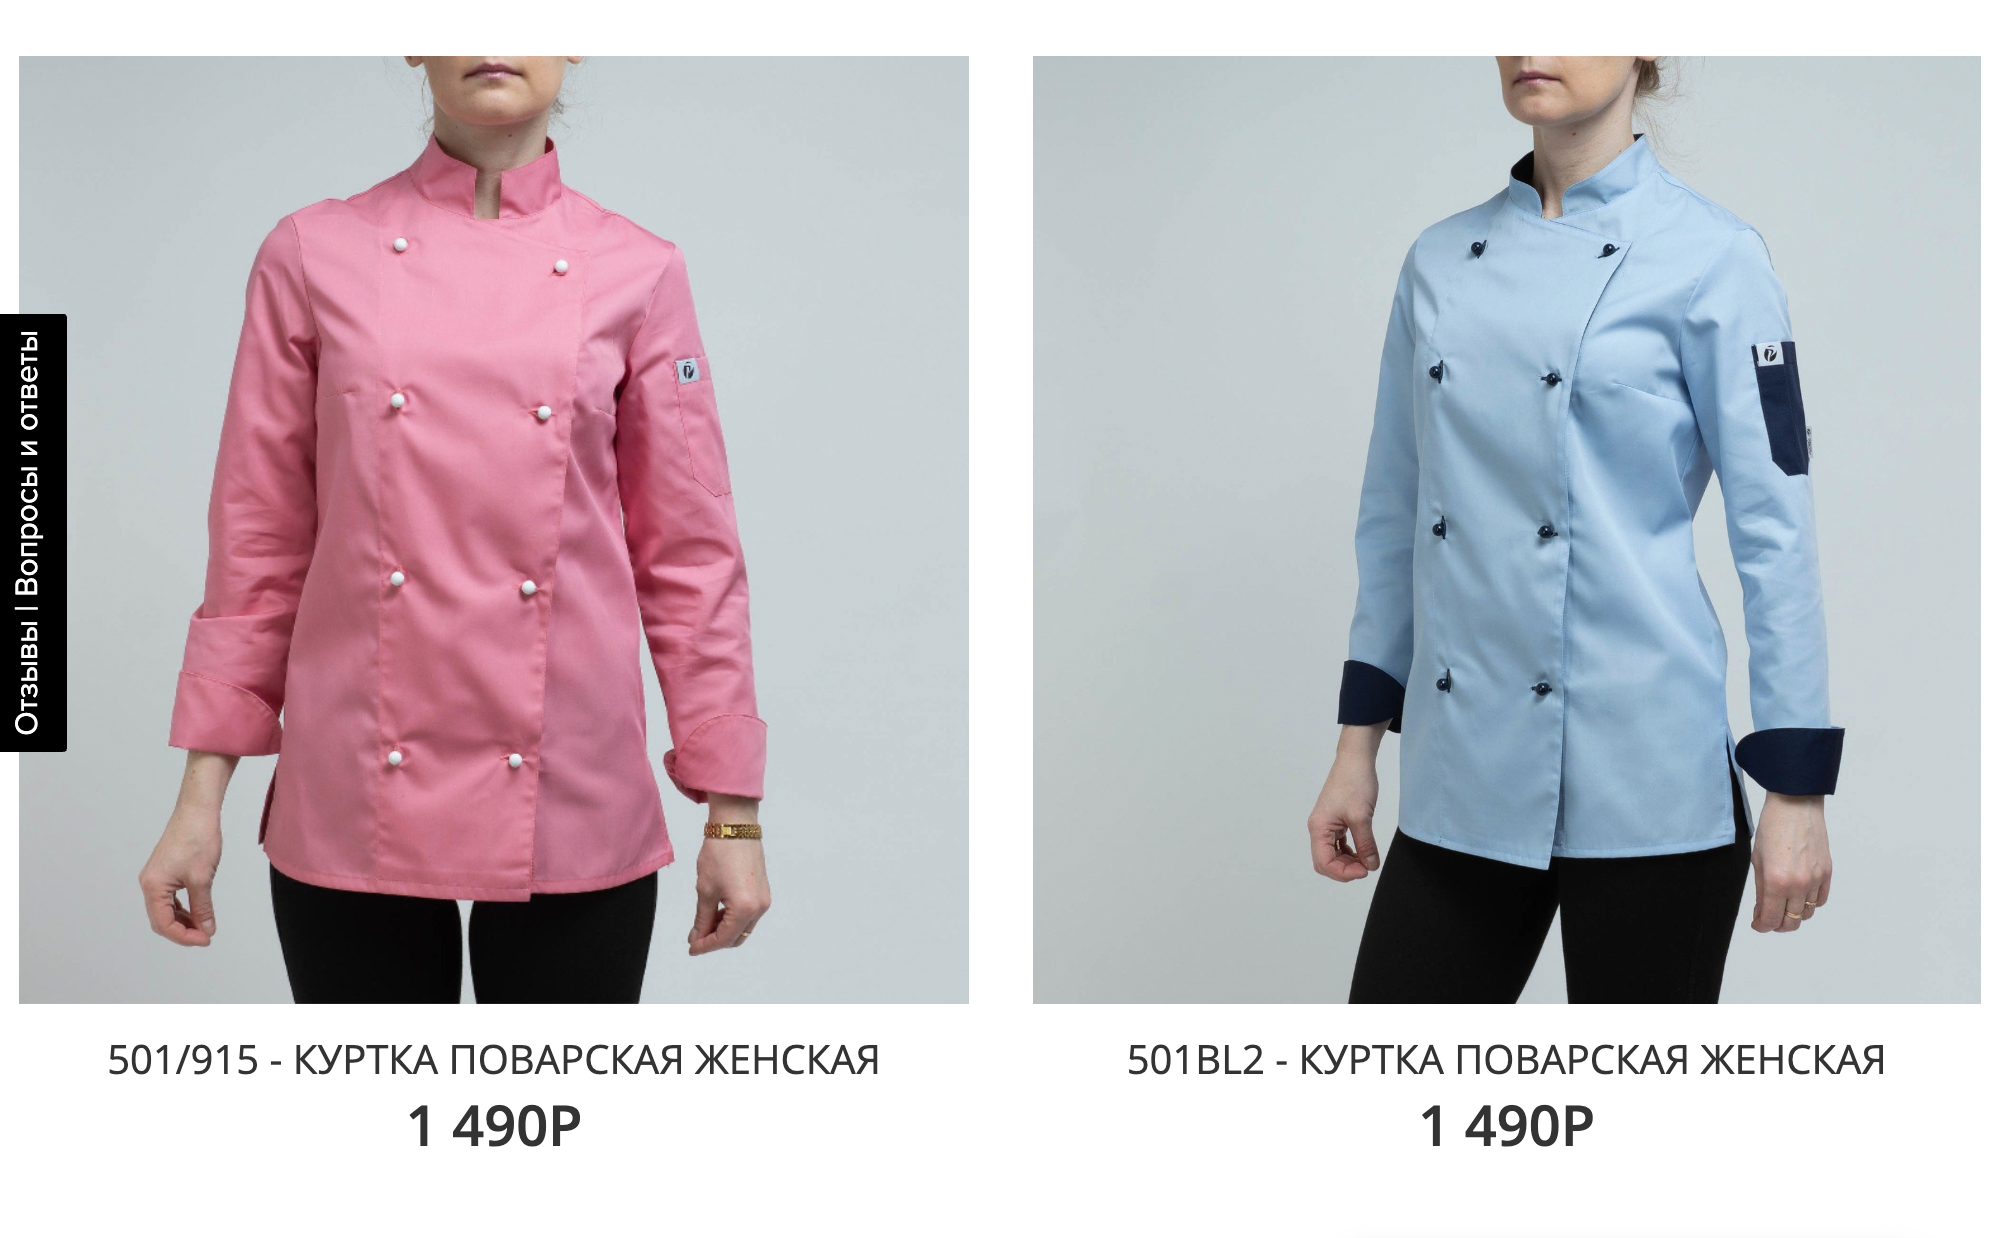 Женскую поварскую куртку можно купить за 1600 р.. Источник: «Питерпроф-ком»